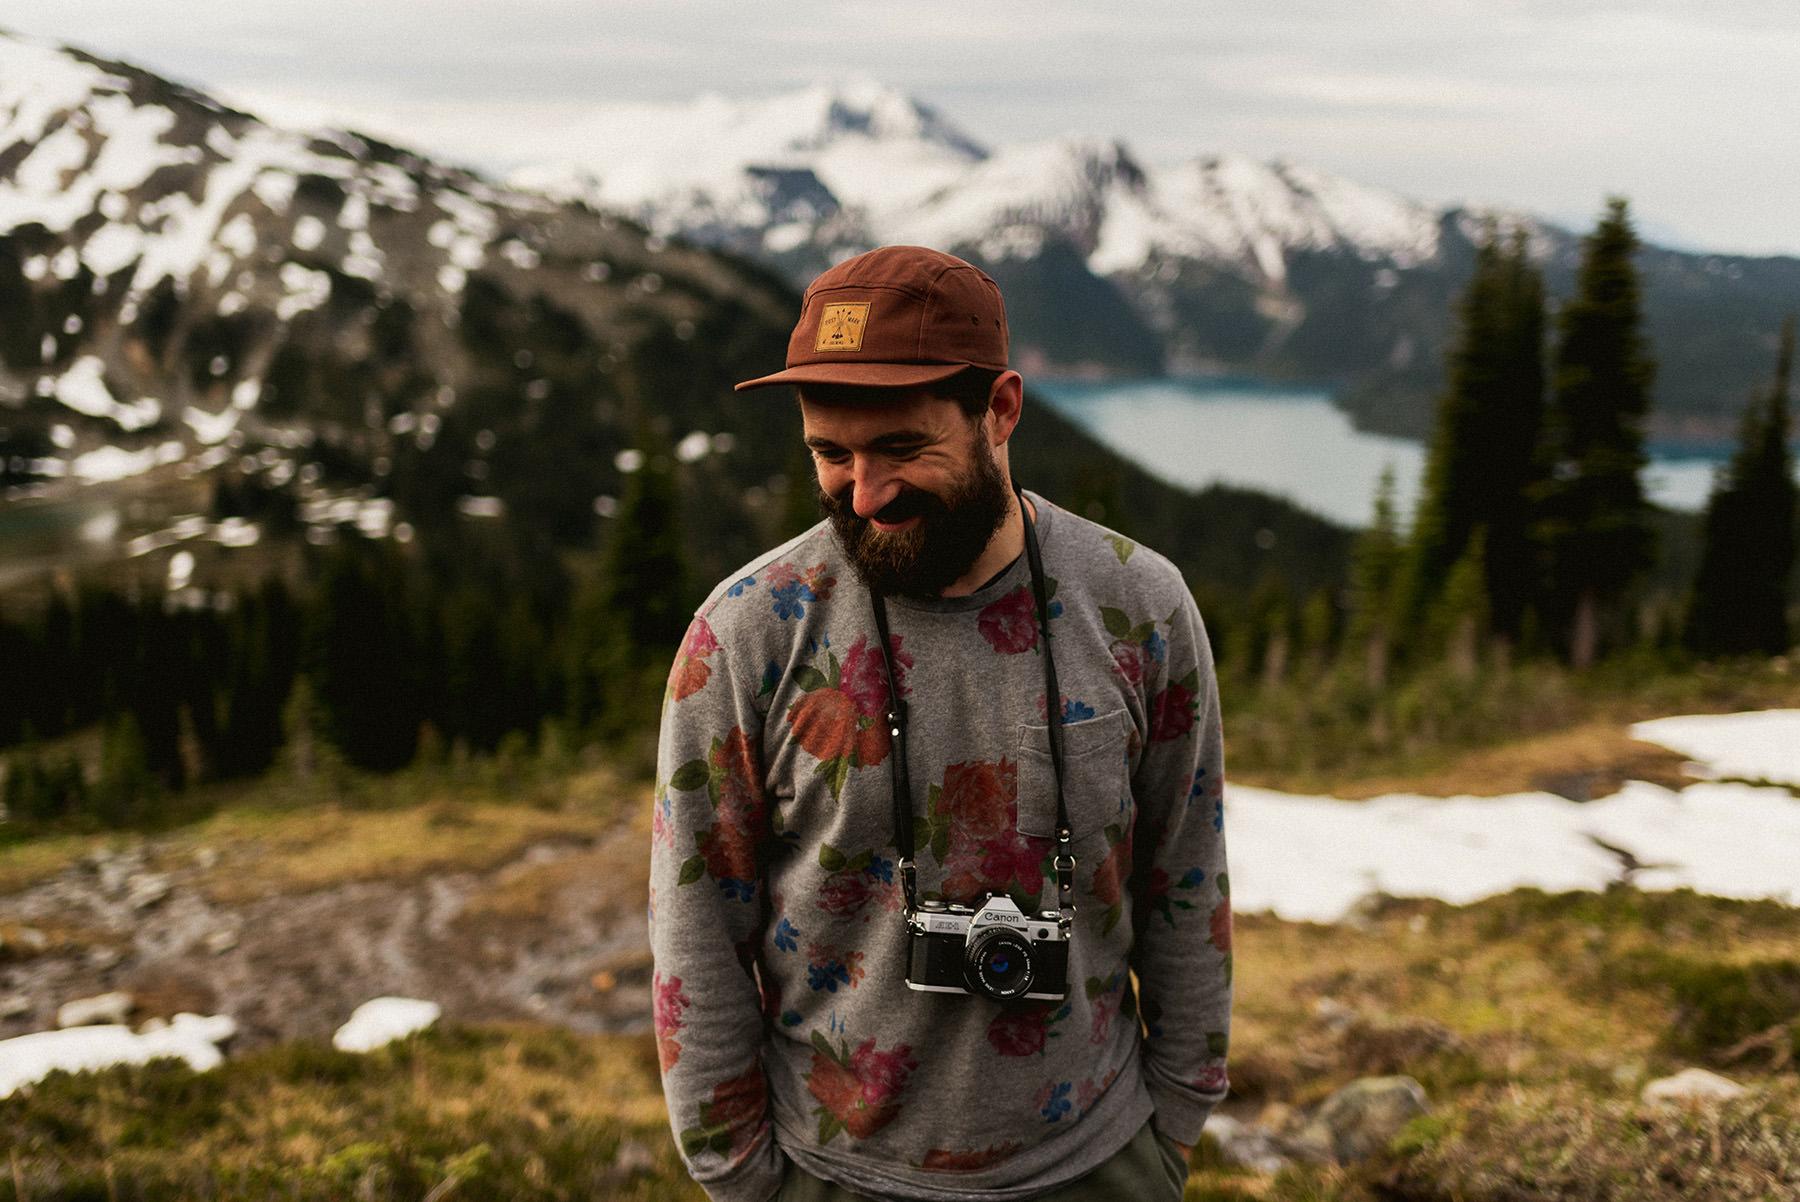 BlackTuskPhotographer